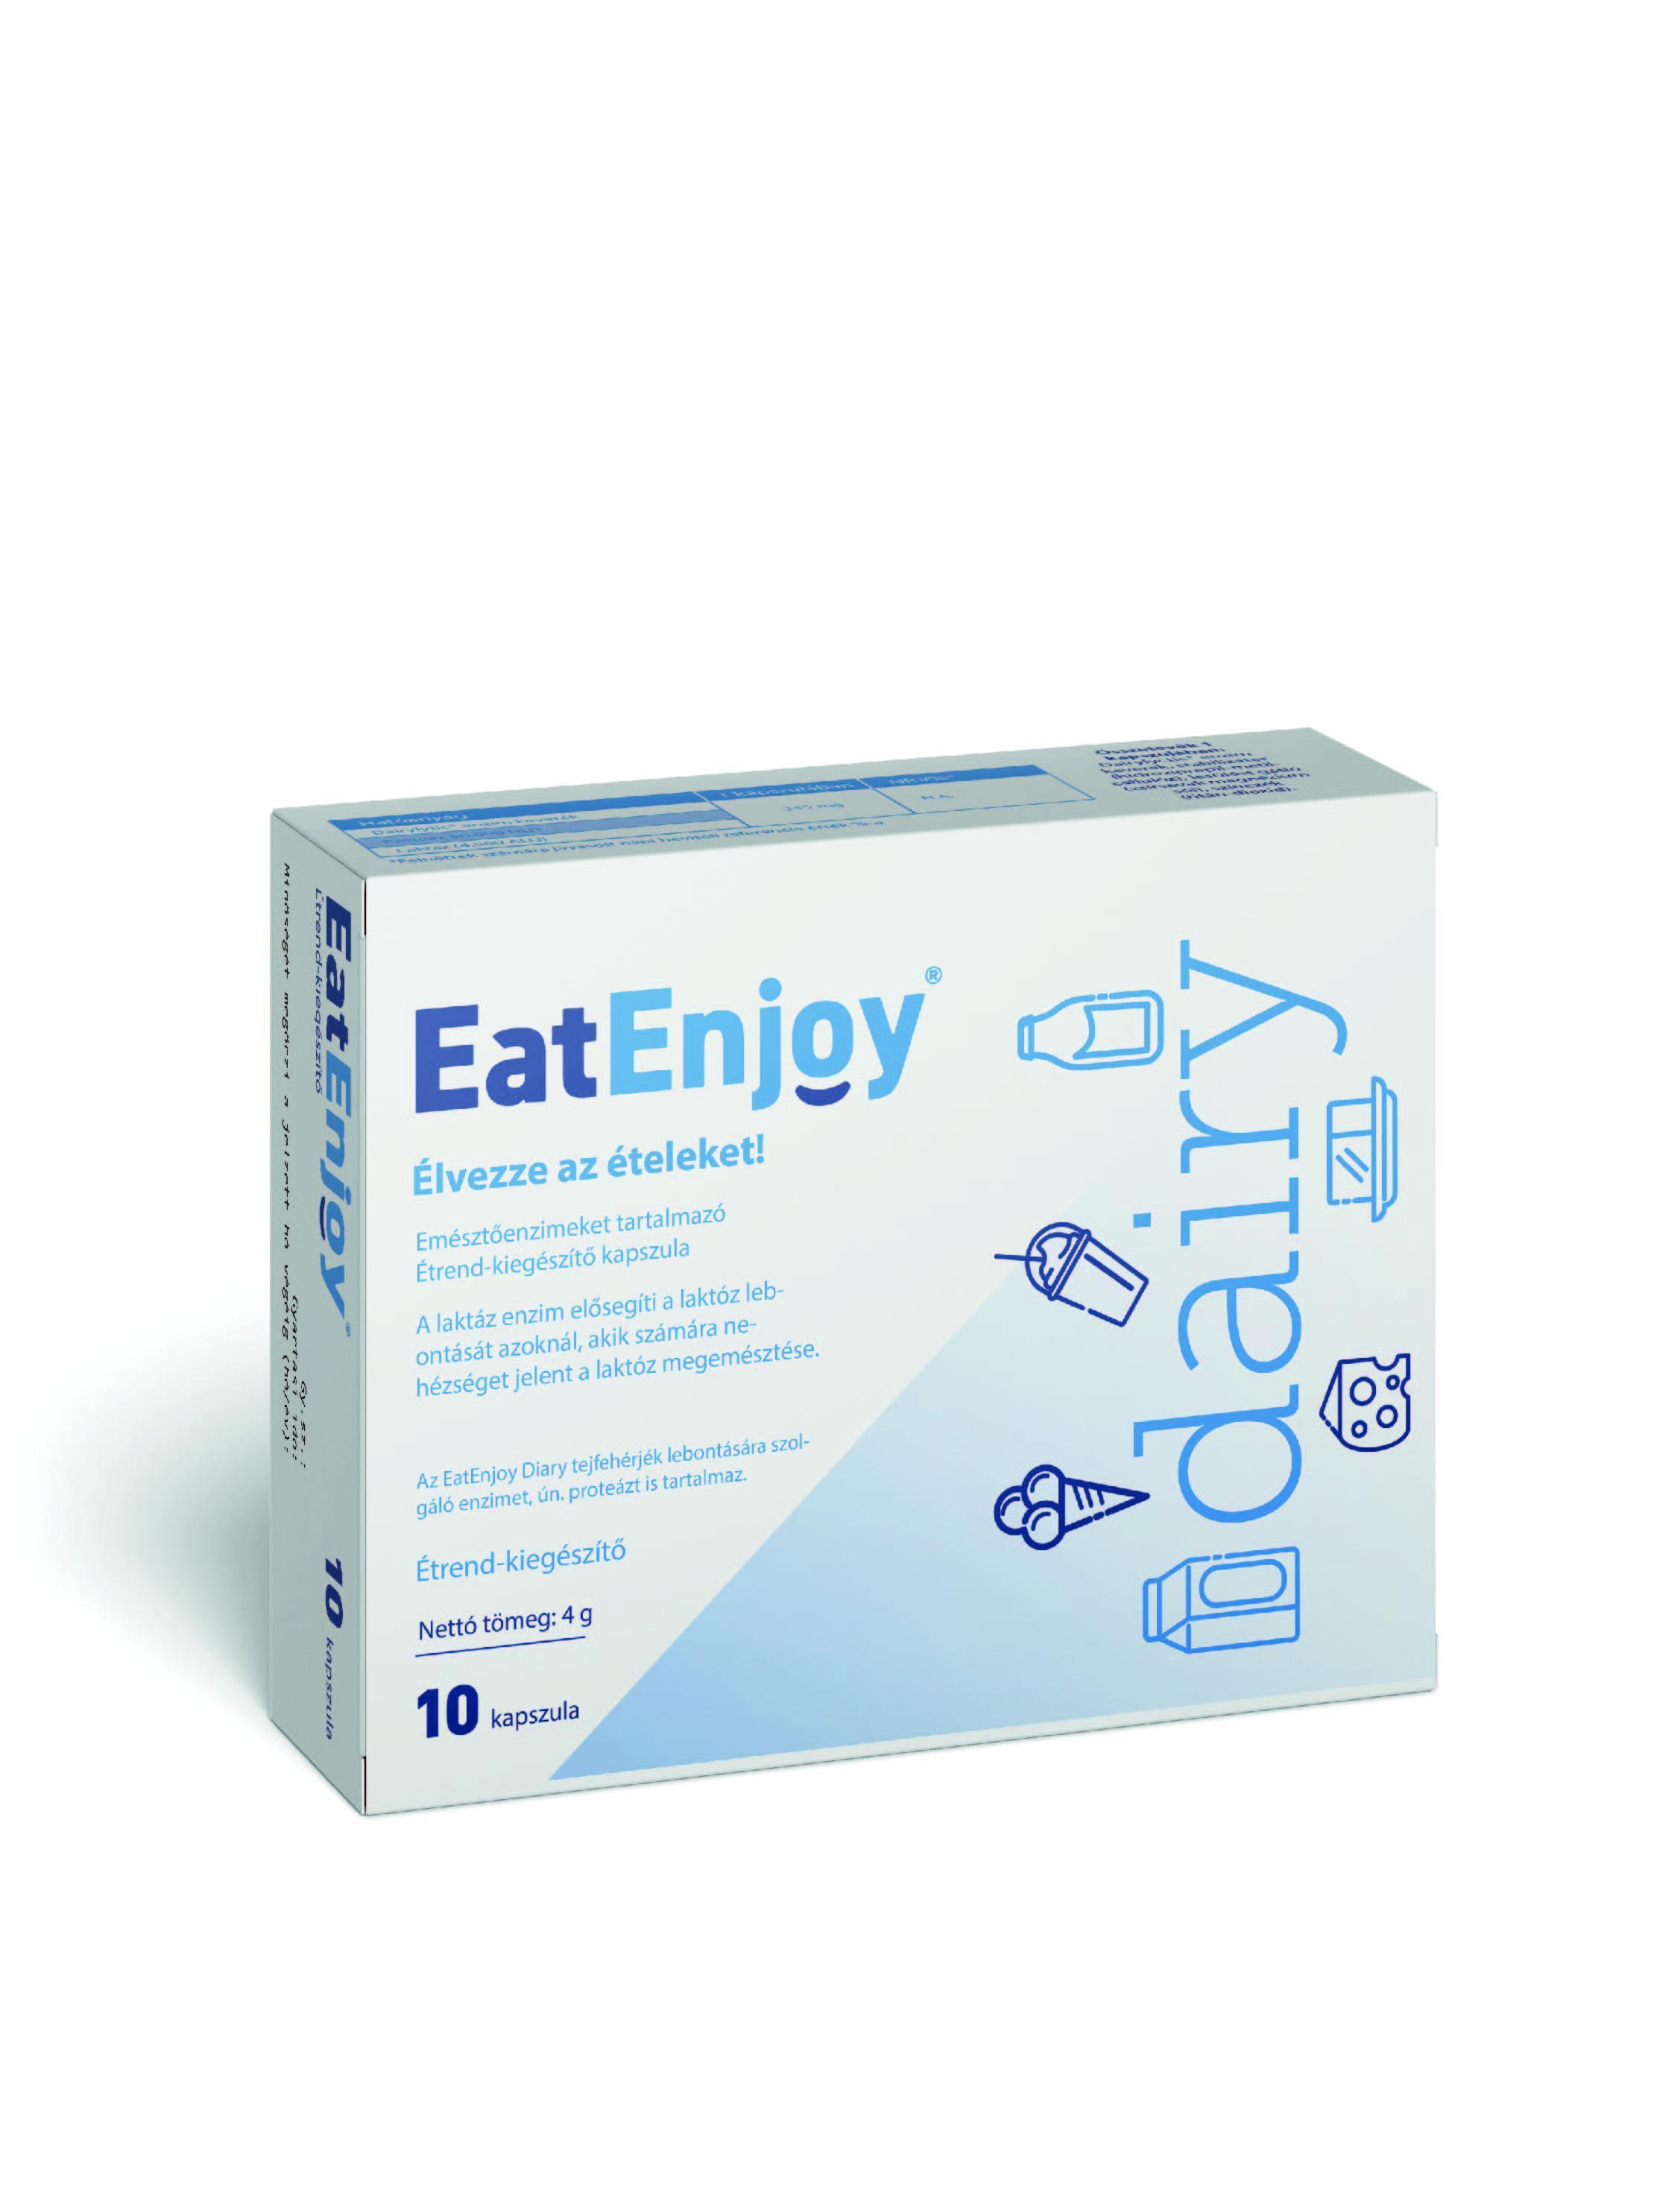 EatEnjoy emésztőenzimek étrendkiegészítő kapszula 20x